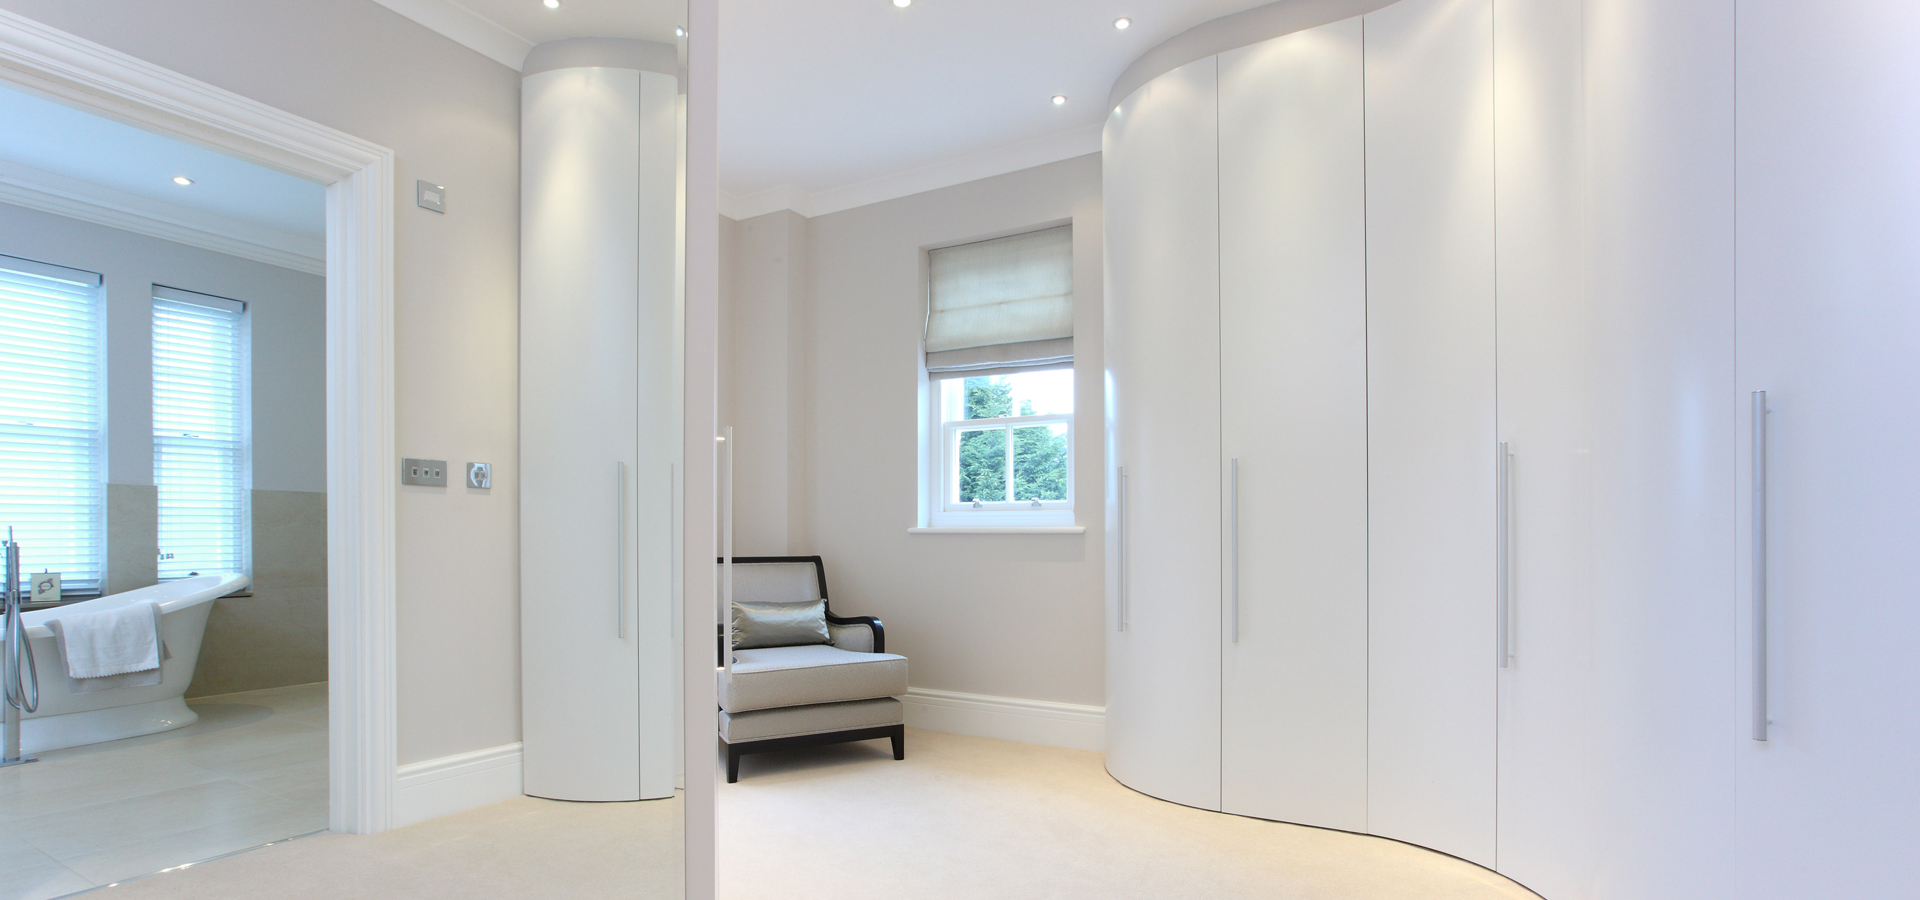 Matt white lacquer curved wardrobe